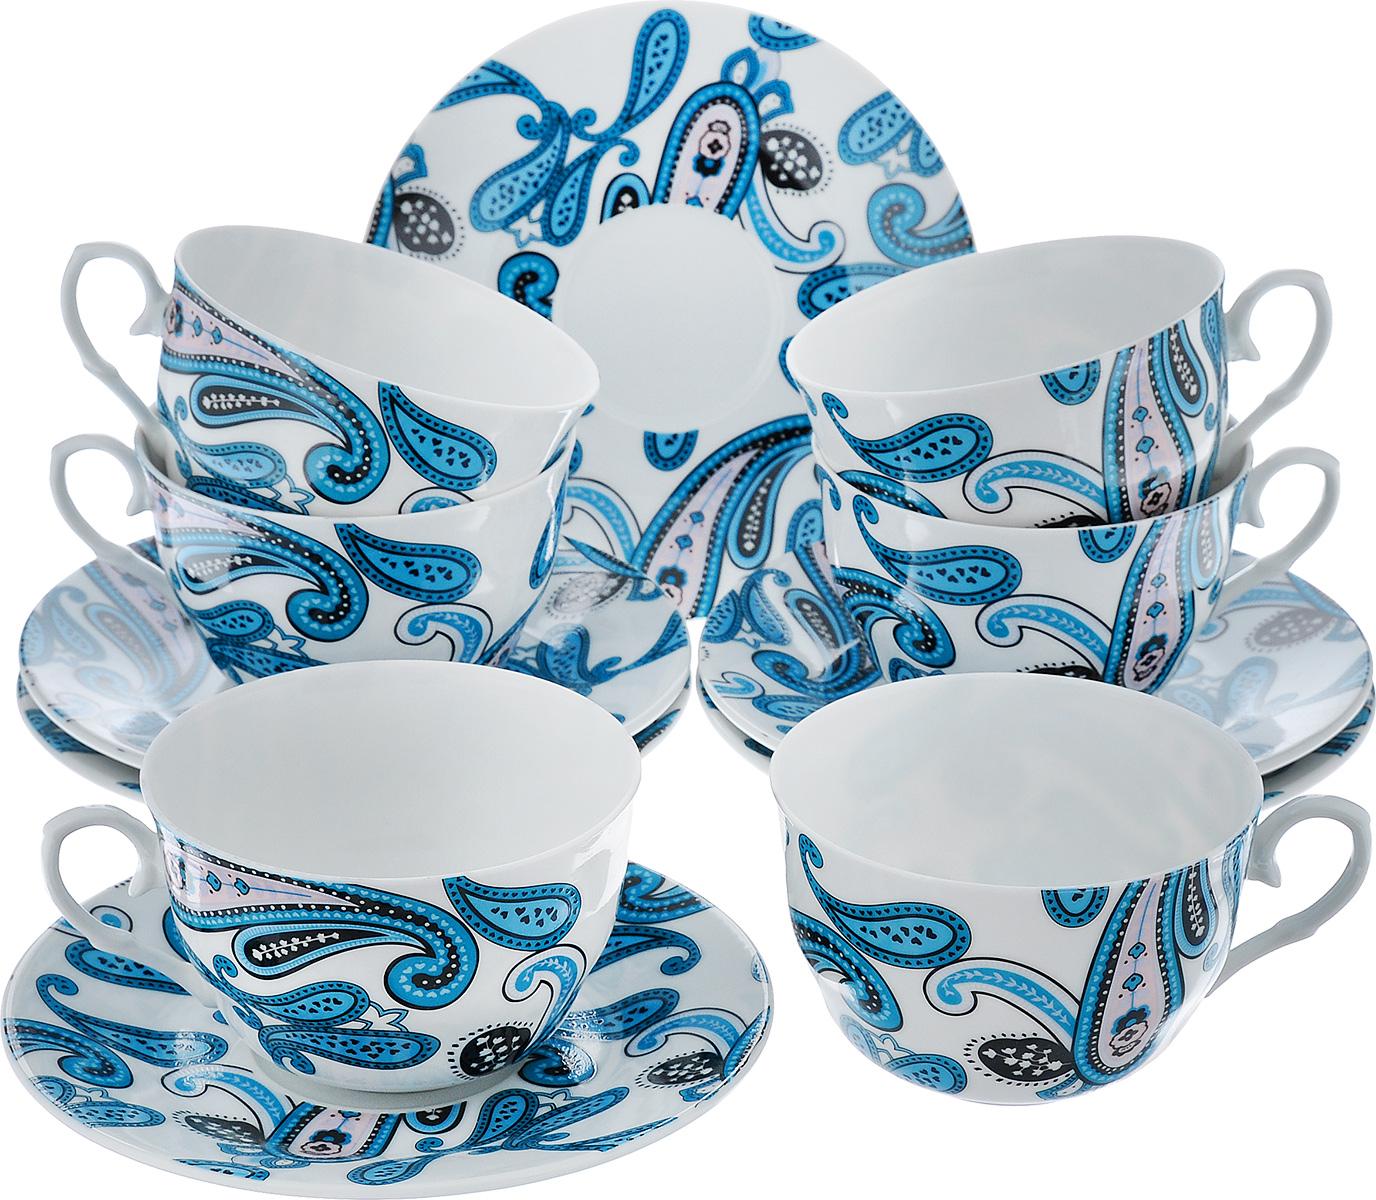 Чайный набор LarangE Пейсли, цвет: белый, синий, 12 предметов586-314Чайный набор LarangE Пейсли состоит из шести чашек и шести блюдец, изготовленных из фарфора. Предметы набора оформлены изящным ярким рисунком. Чайный набор LarangE Пейсли украсит ваш кухонный стол, а также станет замечательным подарком друзьям и близким. Объем чашки: 250 мл. Диаметр чашки по верхнему краю: 9 см. Высота чашки: 6 см. Диаметр блюдца: 14,5 см.